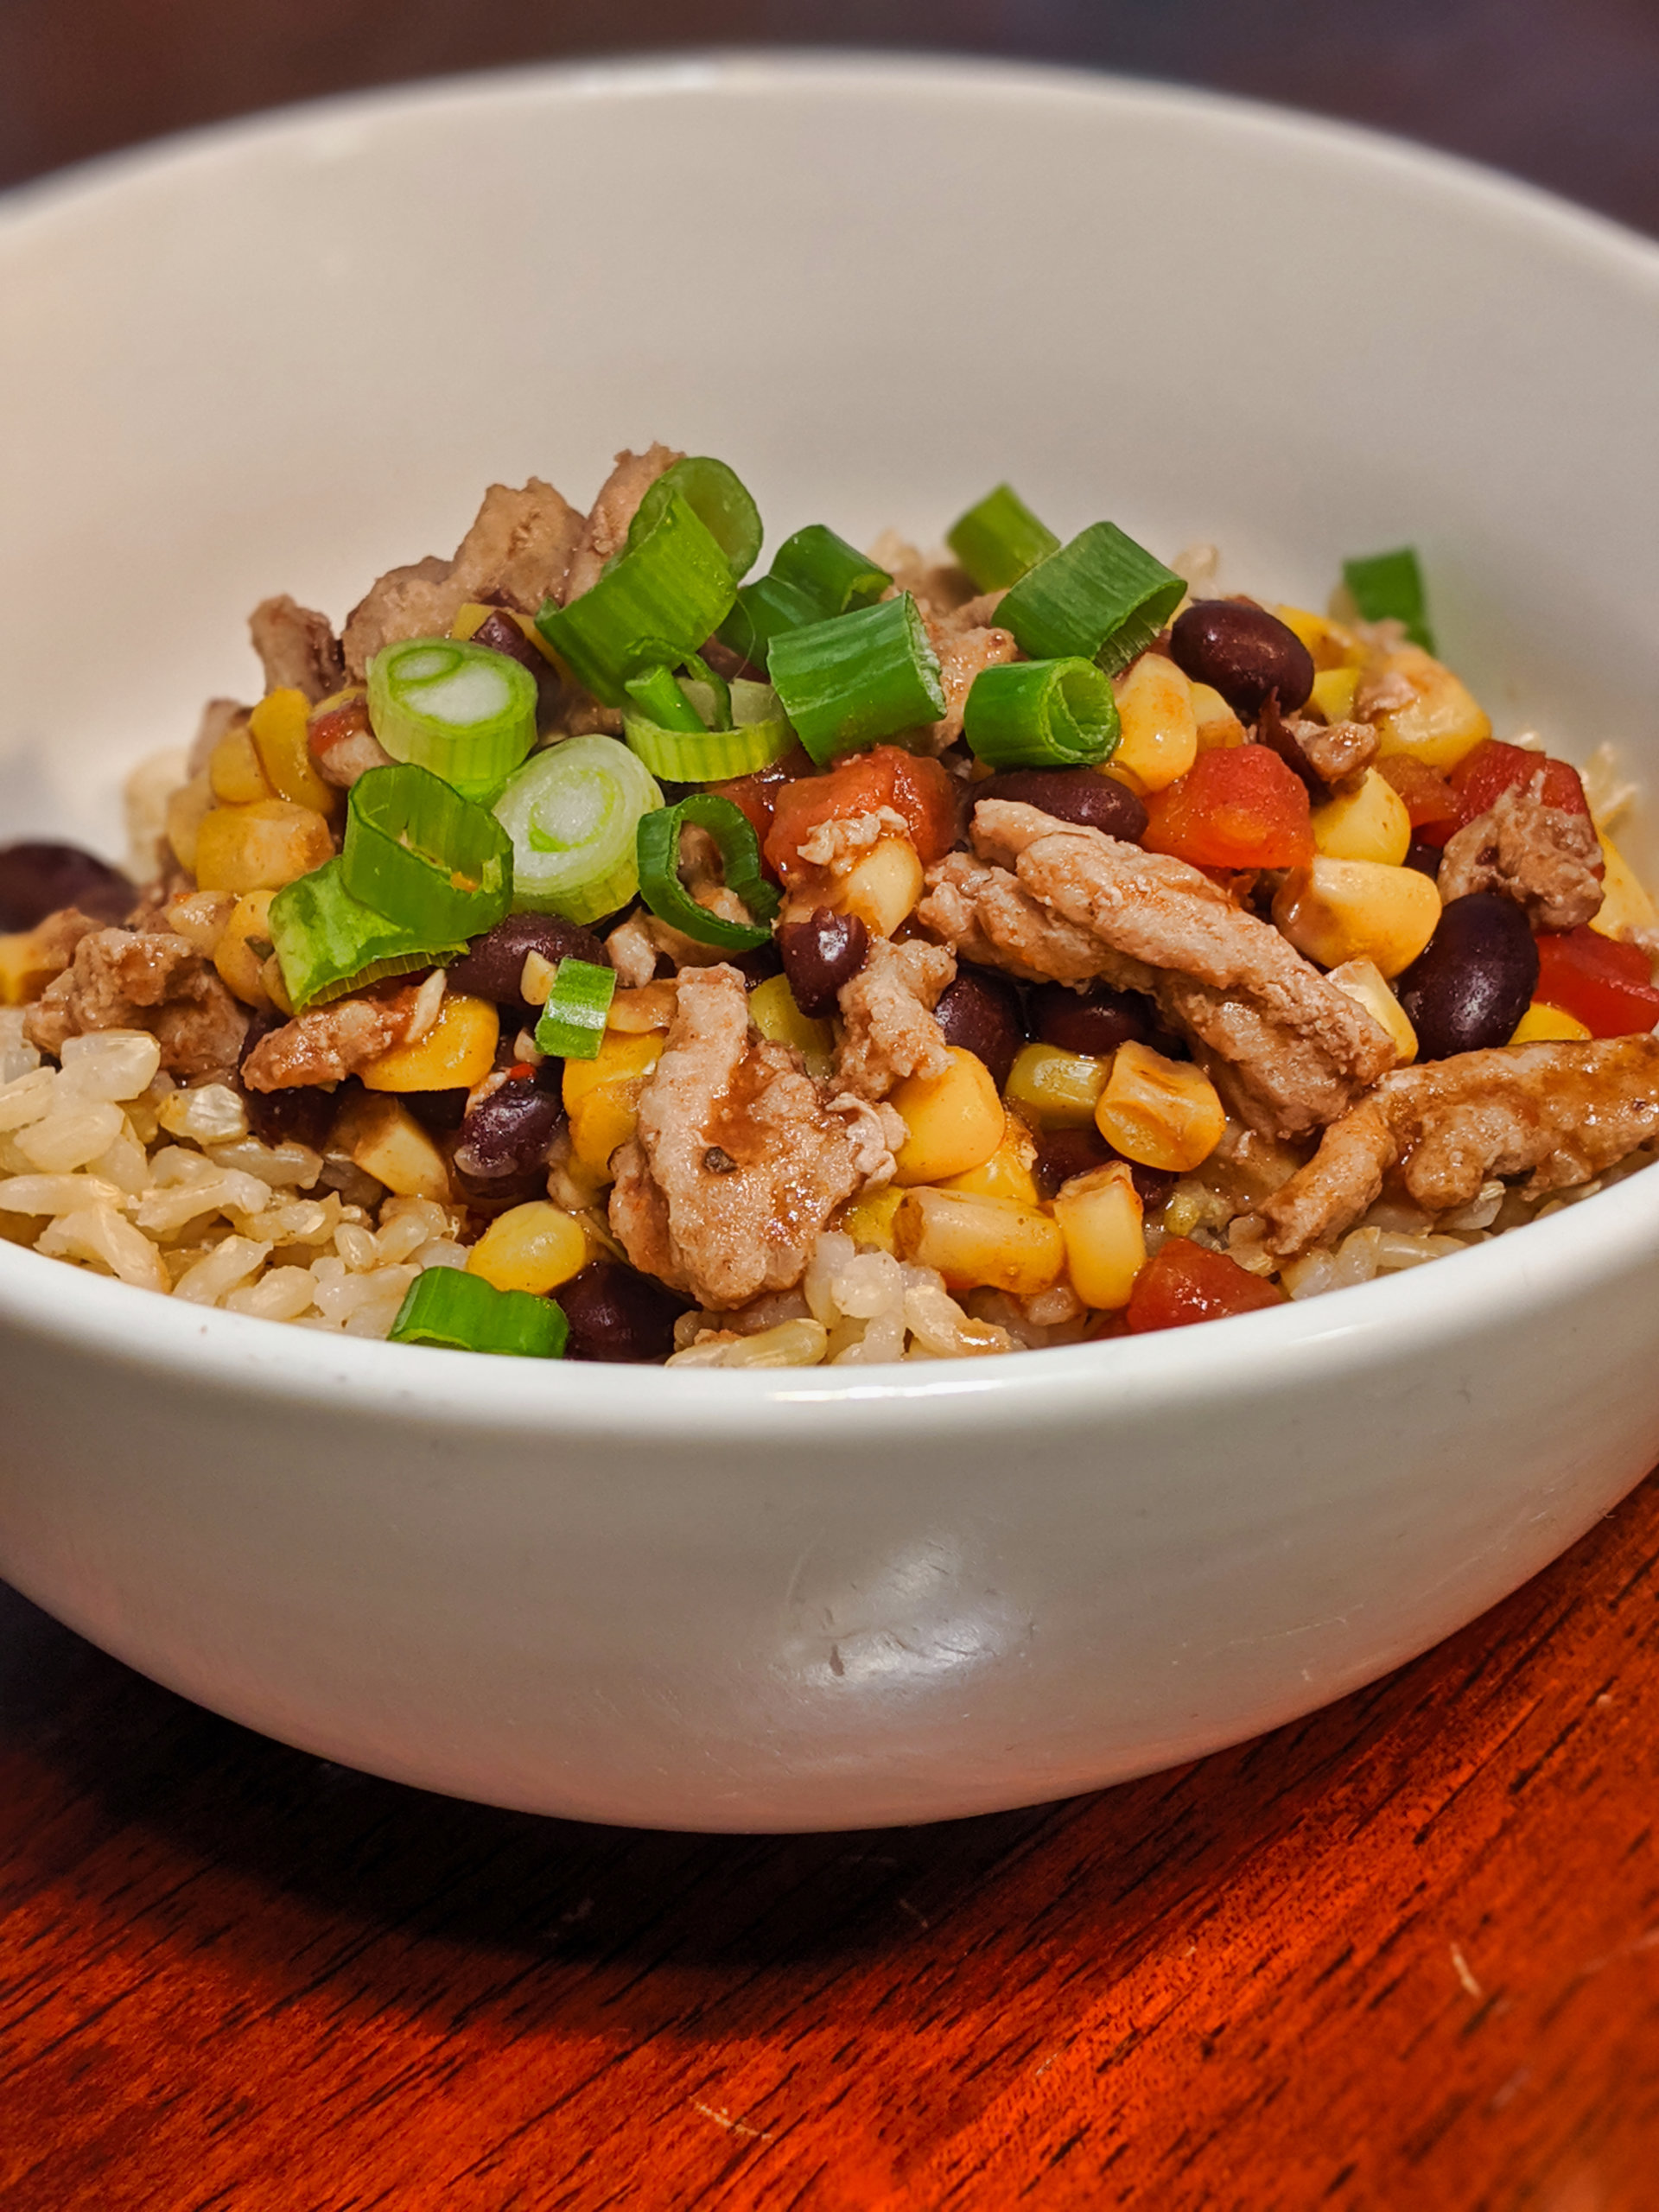 turkey taco bowl